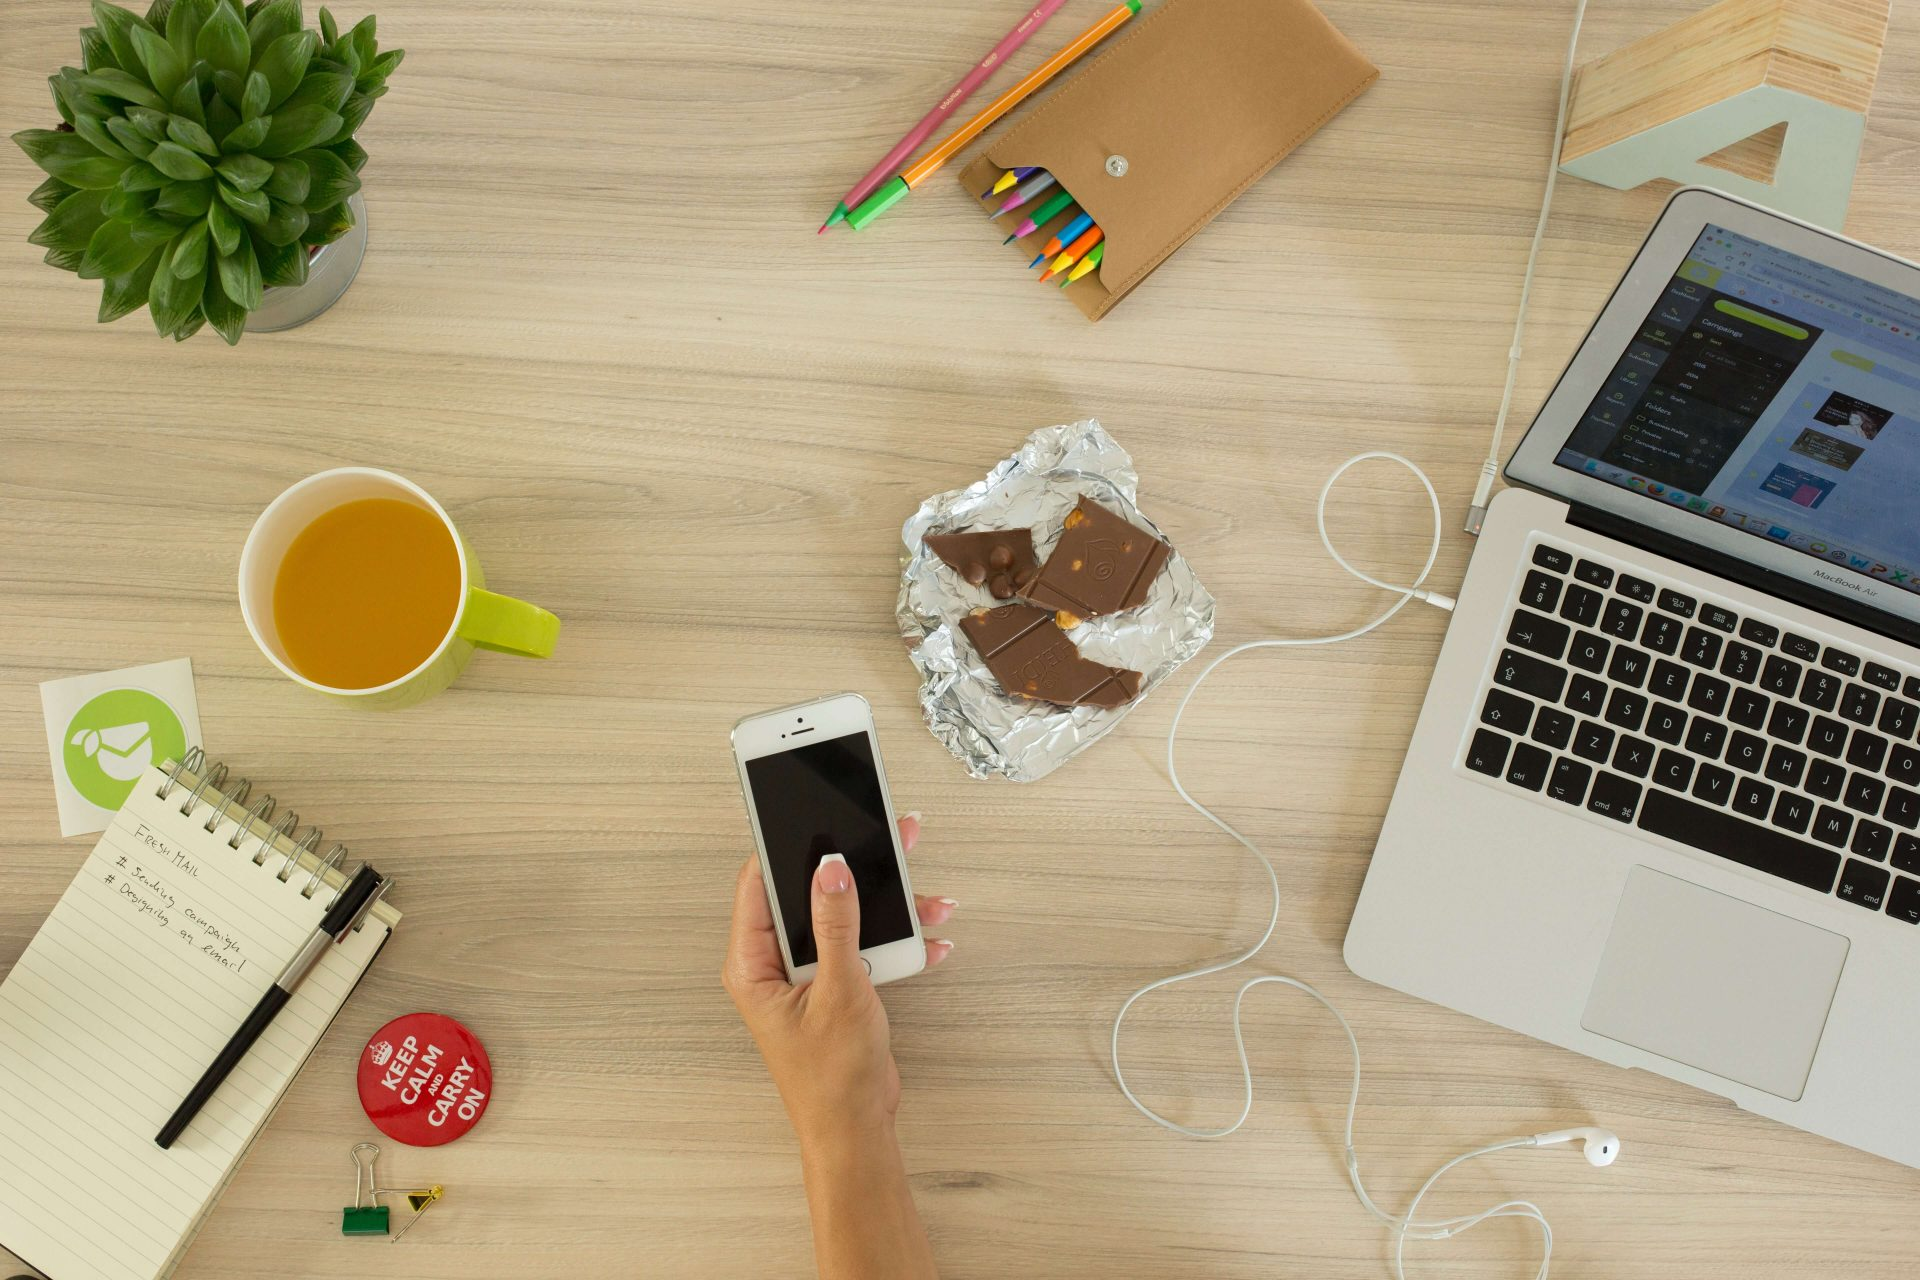 15 dicas de produtividade que funcionarão TODOS os dias